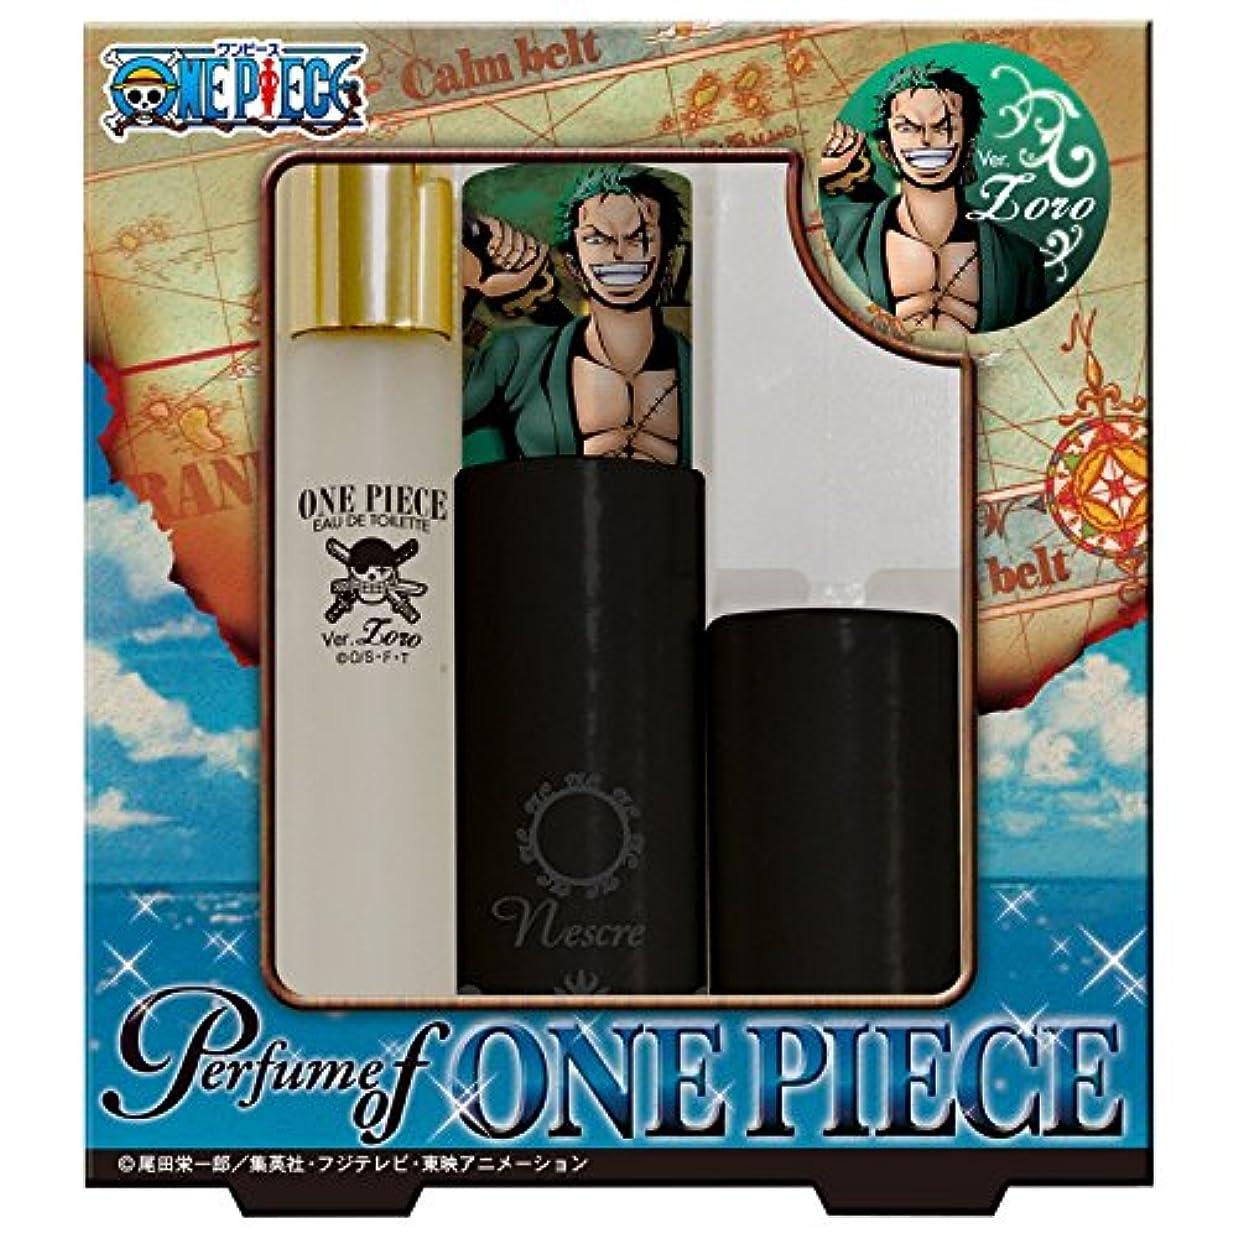 コメント強化するバルセロナNESCRE Perfume of ONEPIECE Ver.Zoro 15mL 専用バッグインケース付 日本製